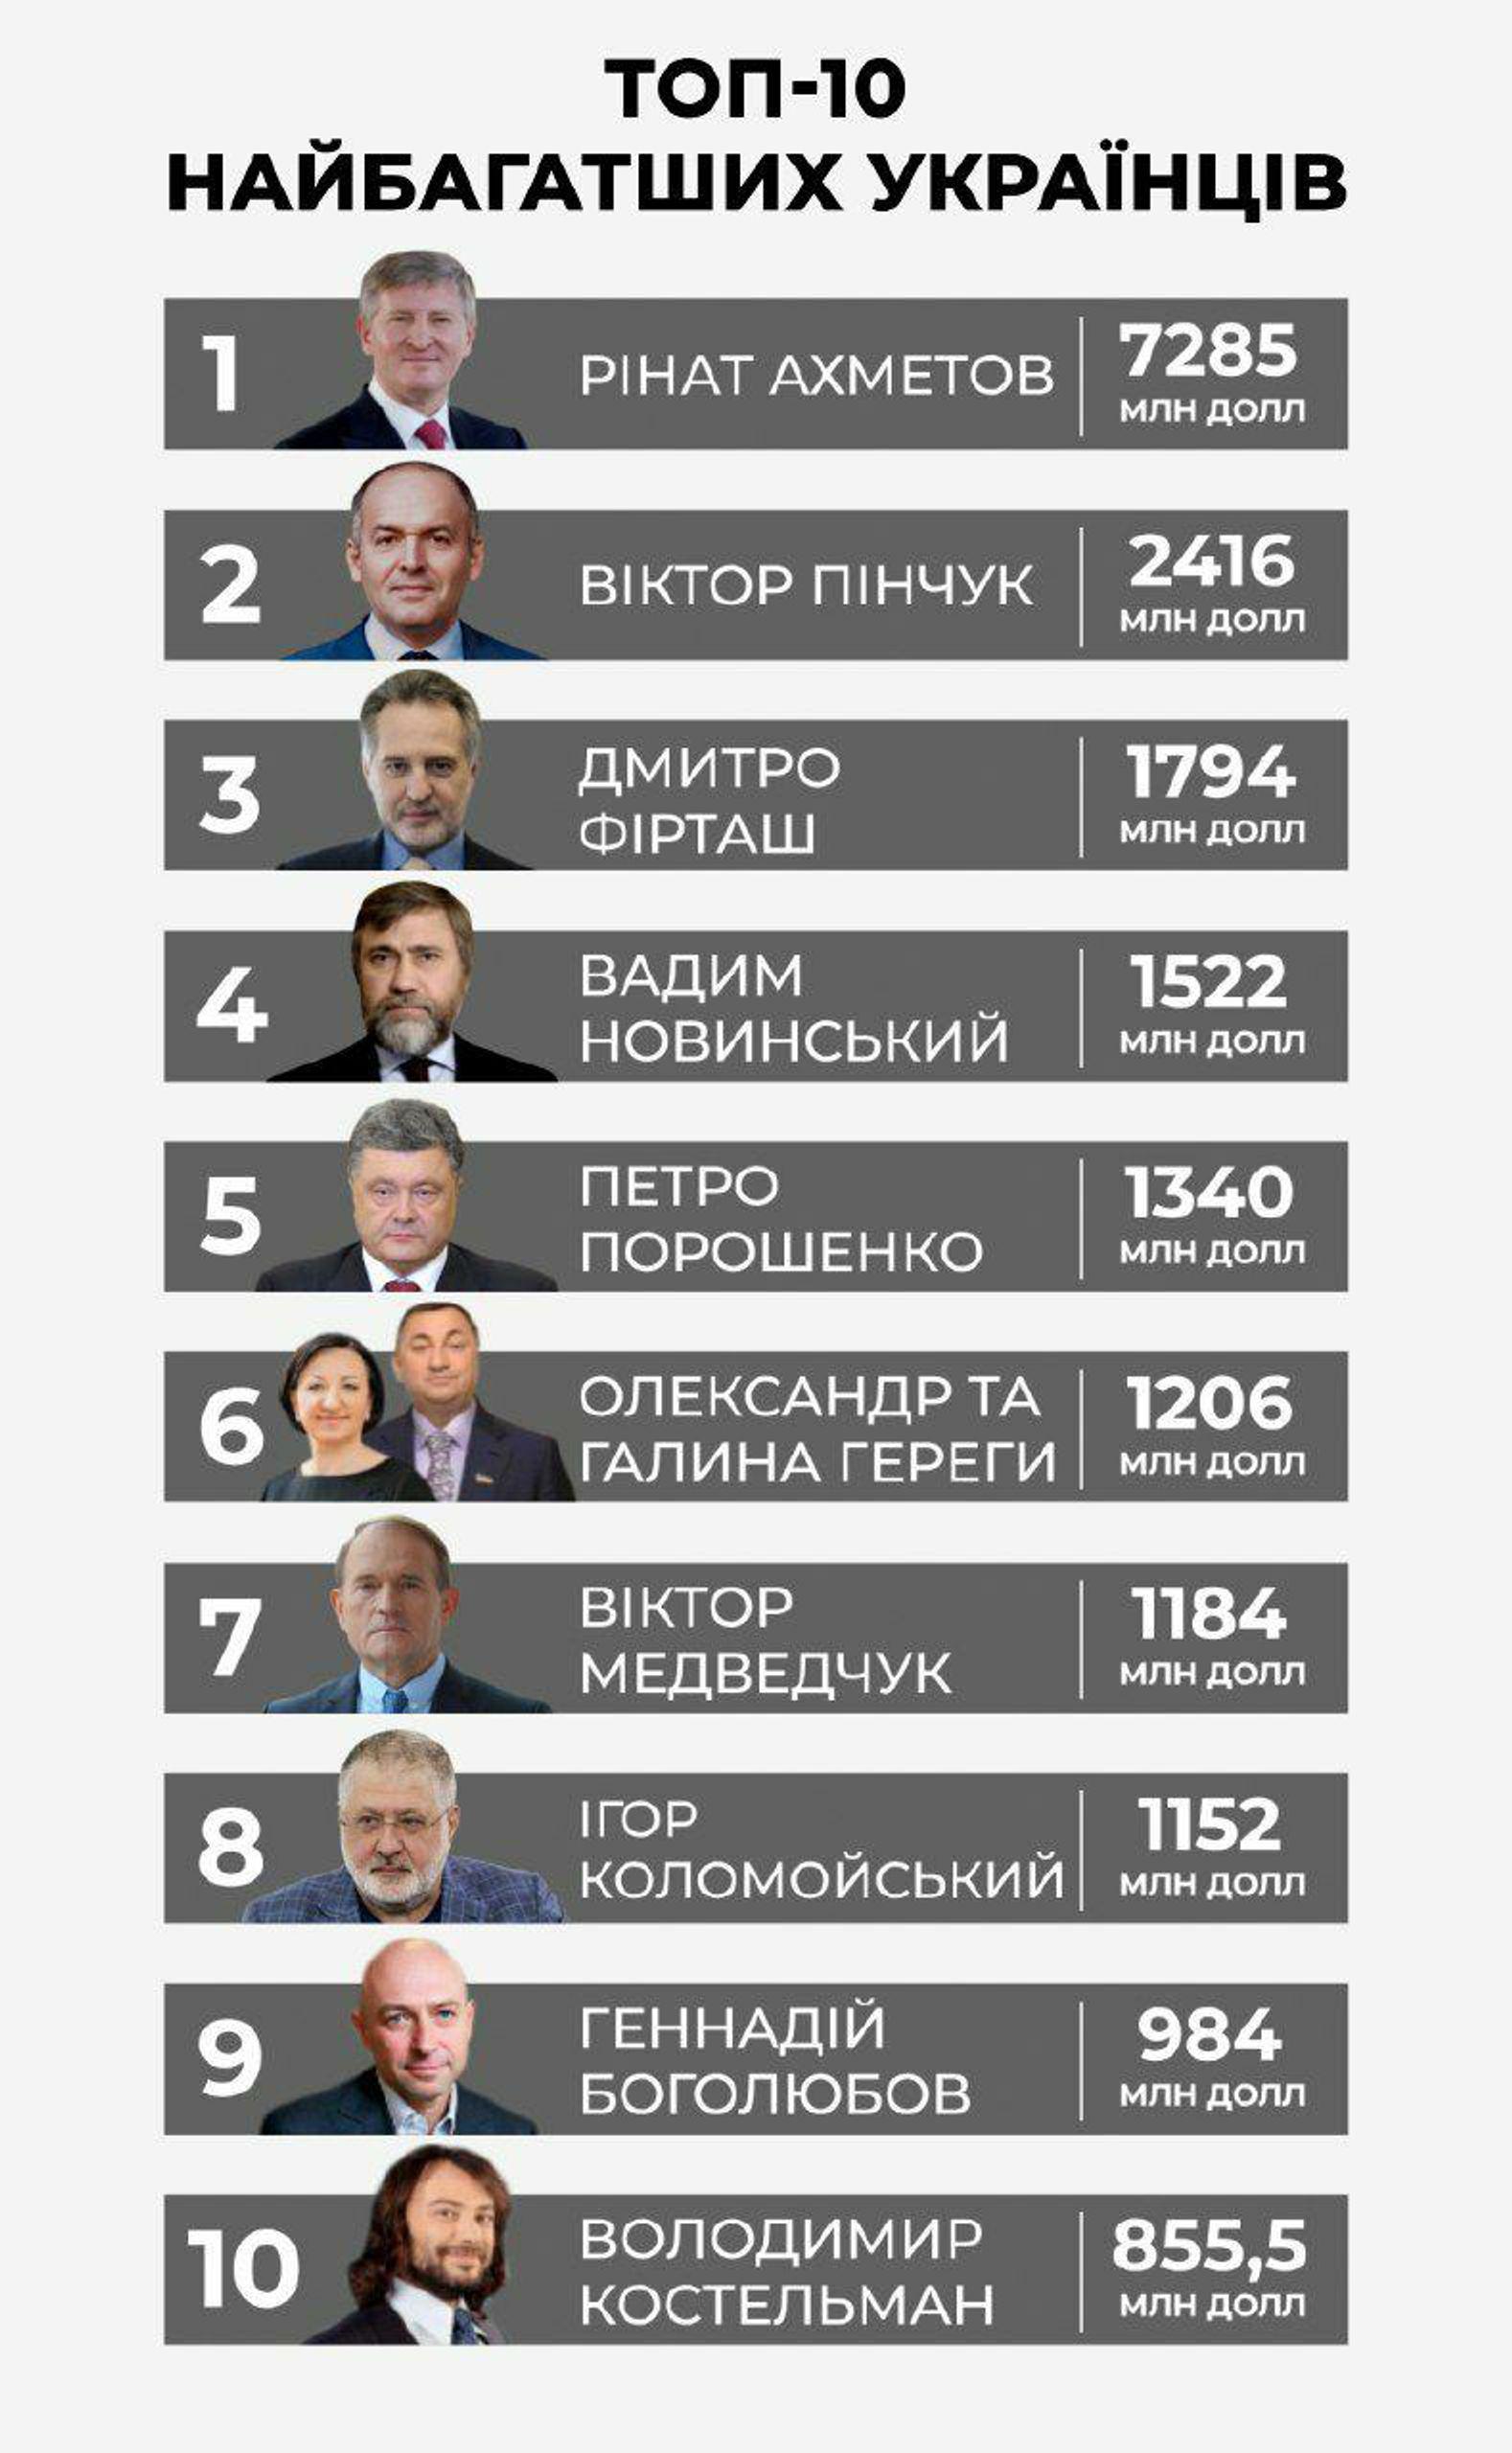 """Рейтинг самых богатых людей Украины 2020 по версии журнала """"Фокус"""""""